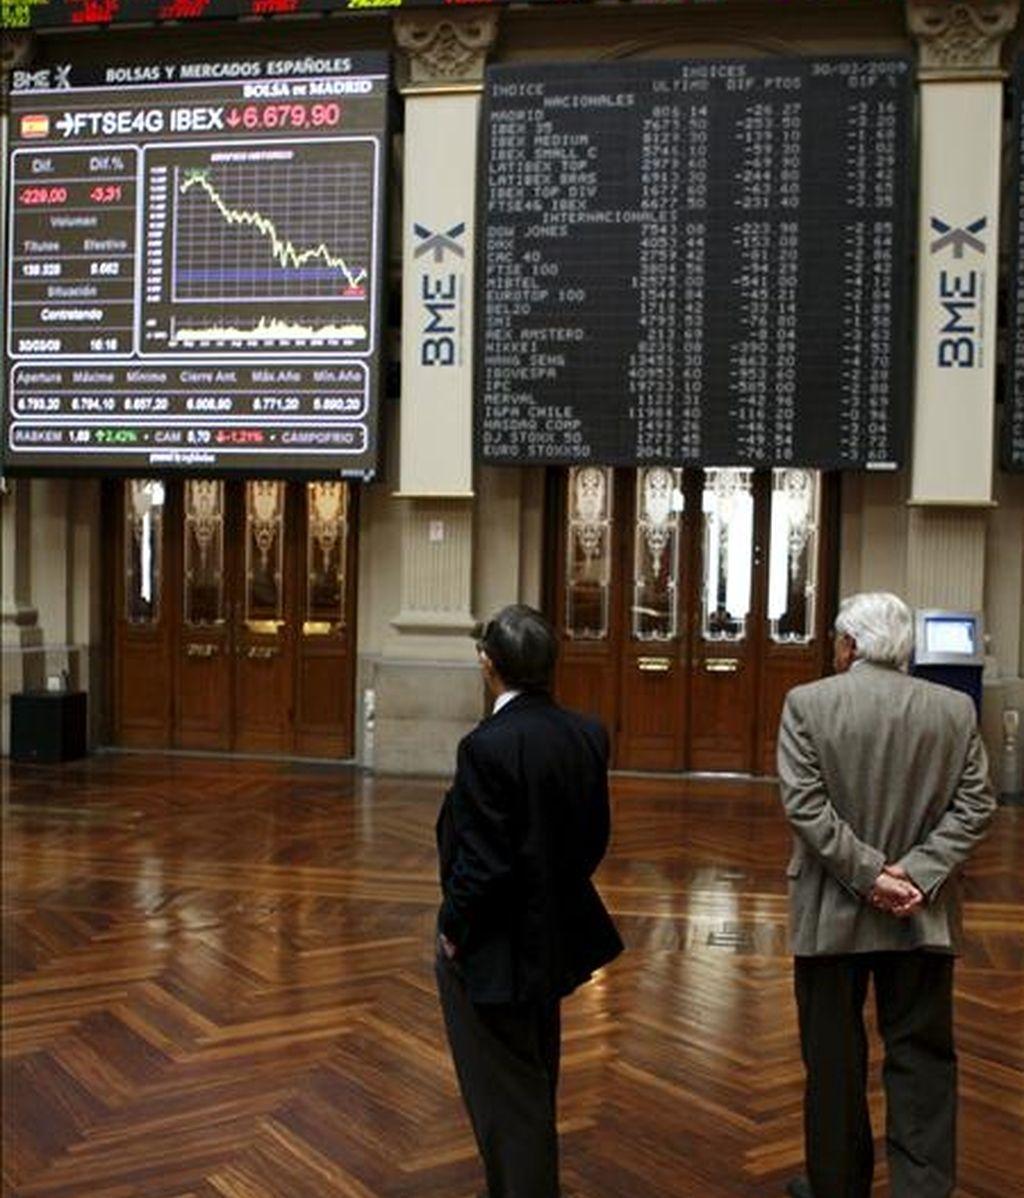 Dos inversores observan el panel de cotizaciones del Ibex-35 en la Bolsa de Madrid. EFE/Archivo